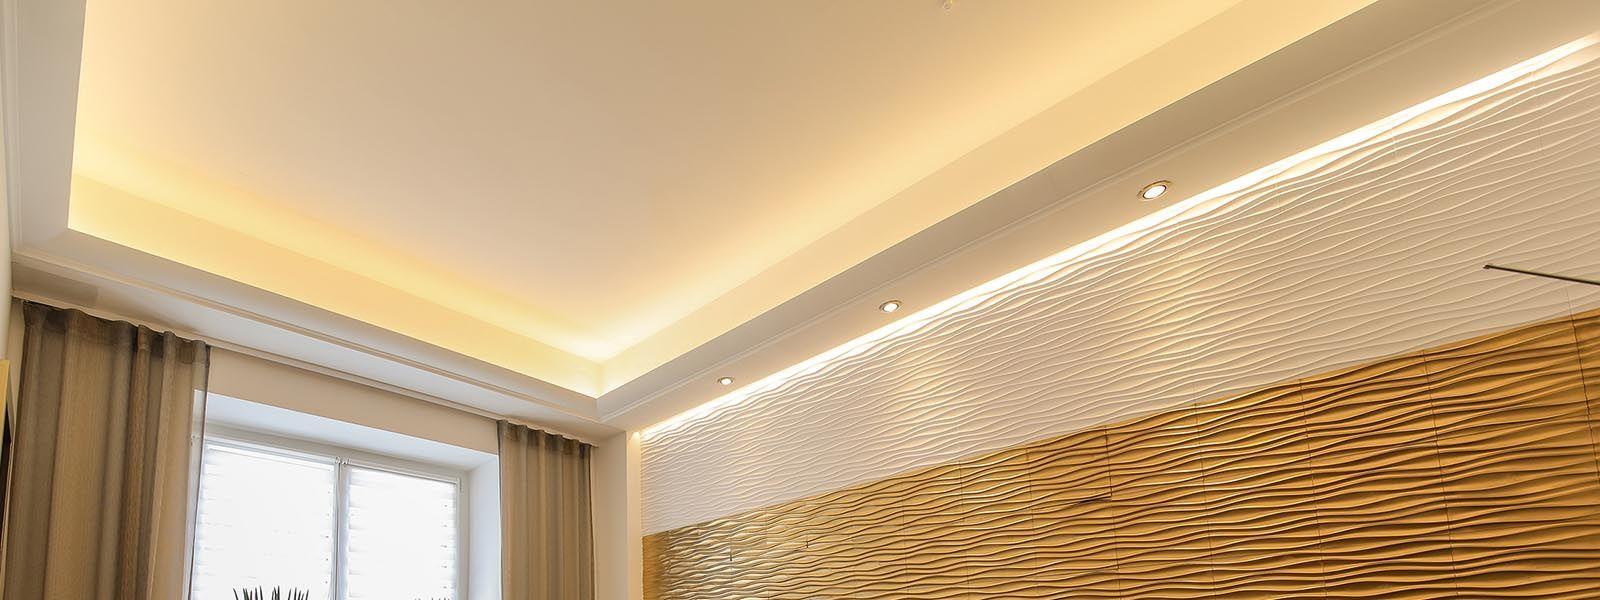 Stuckleisten Indirekte Led Beleluchtung Stuckleisten Direkte Beleuchtung Beleuchtung